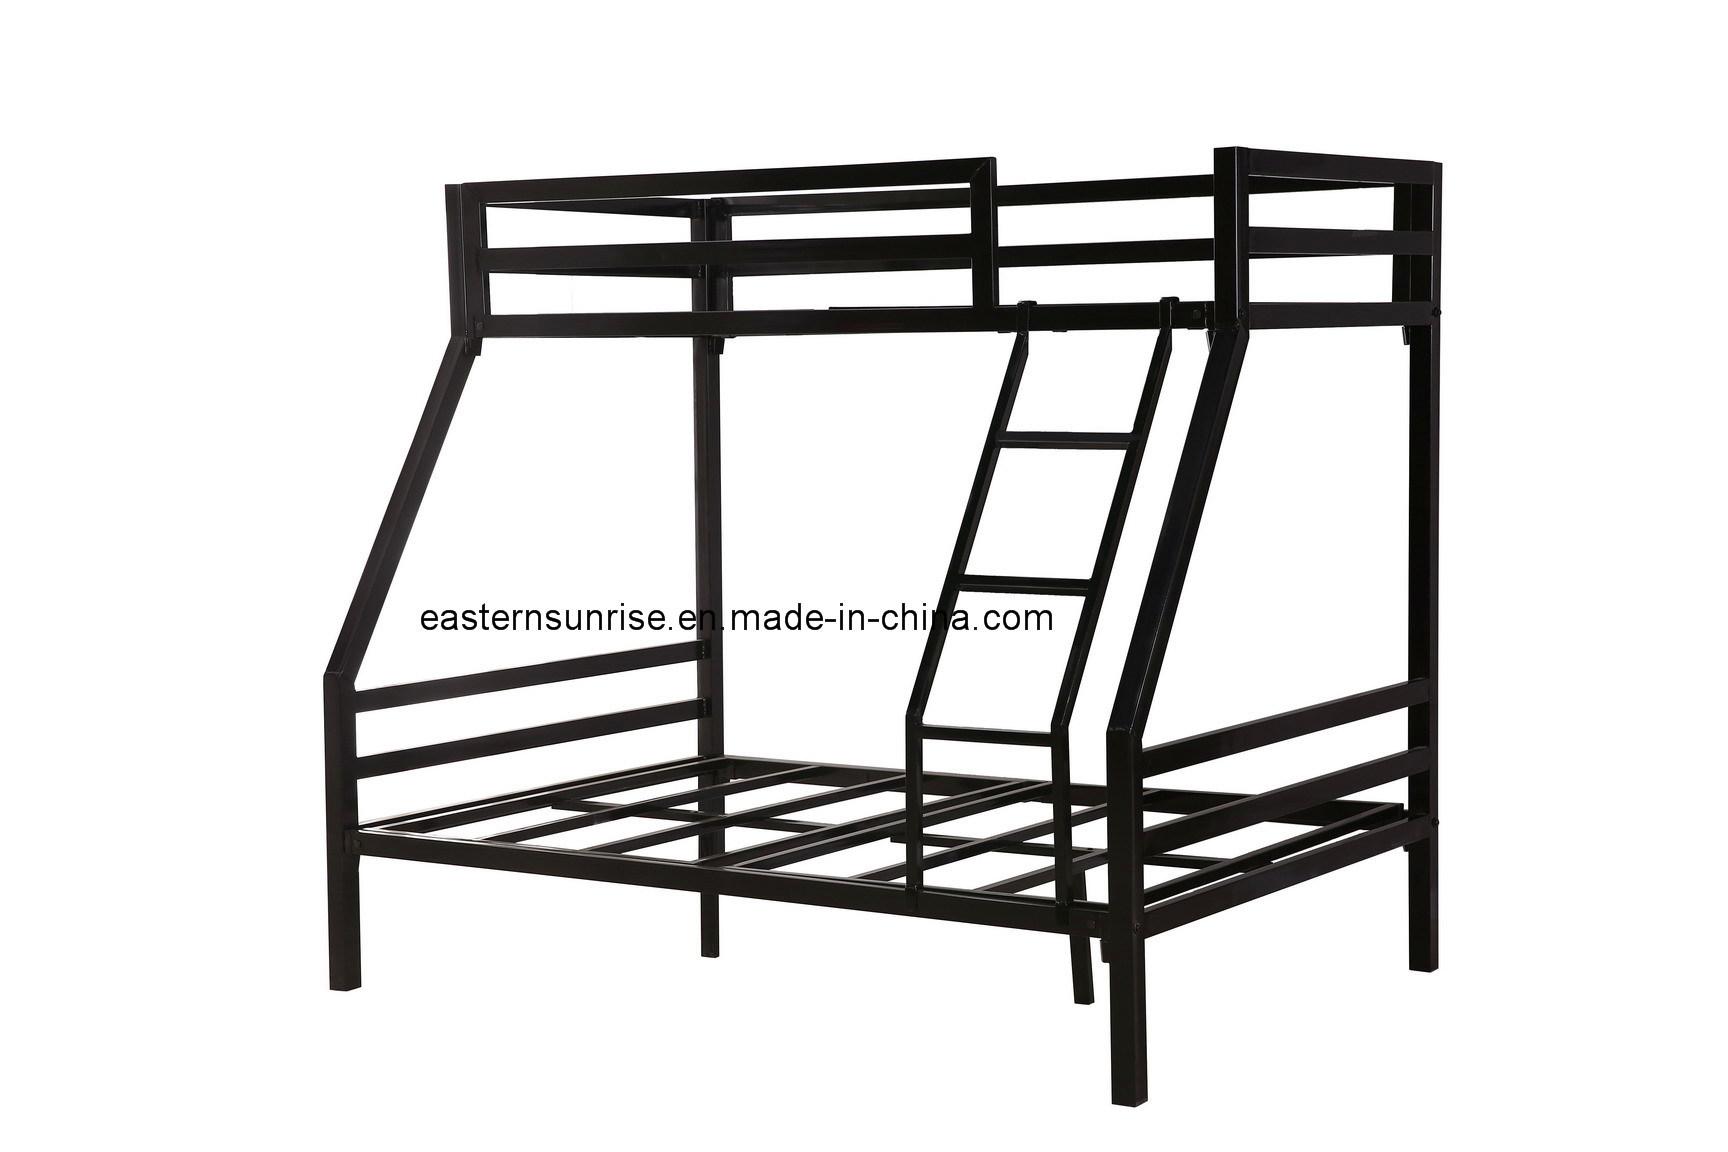 Asombroso Muebles De Metal Viñeta - Ideas de Decoración de ...